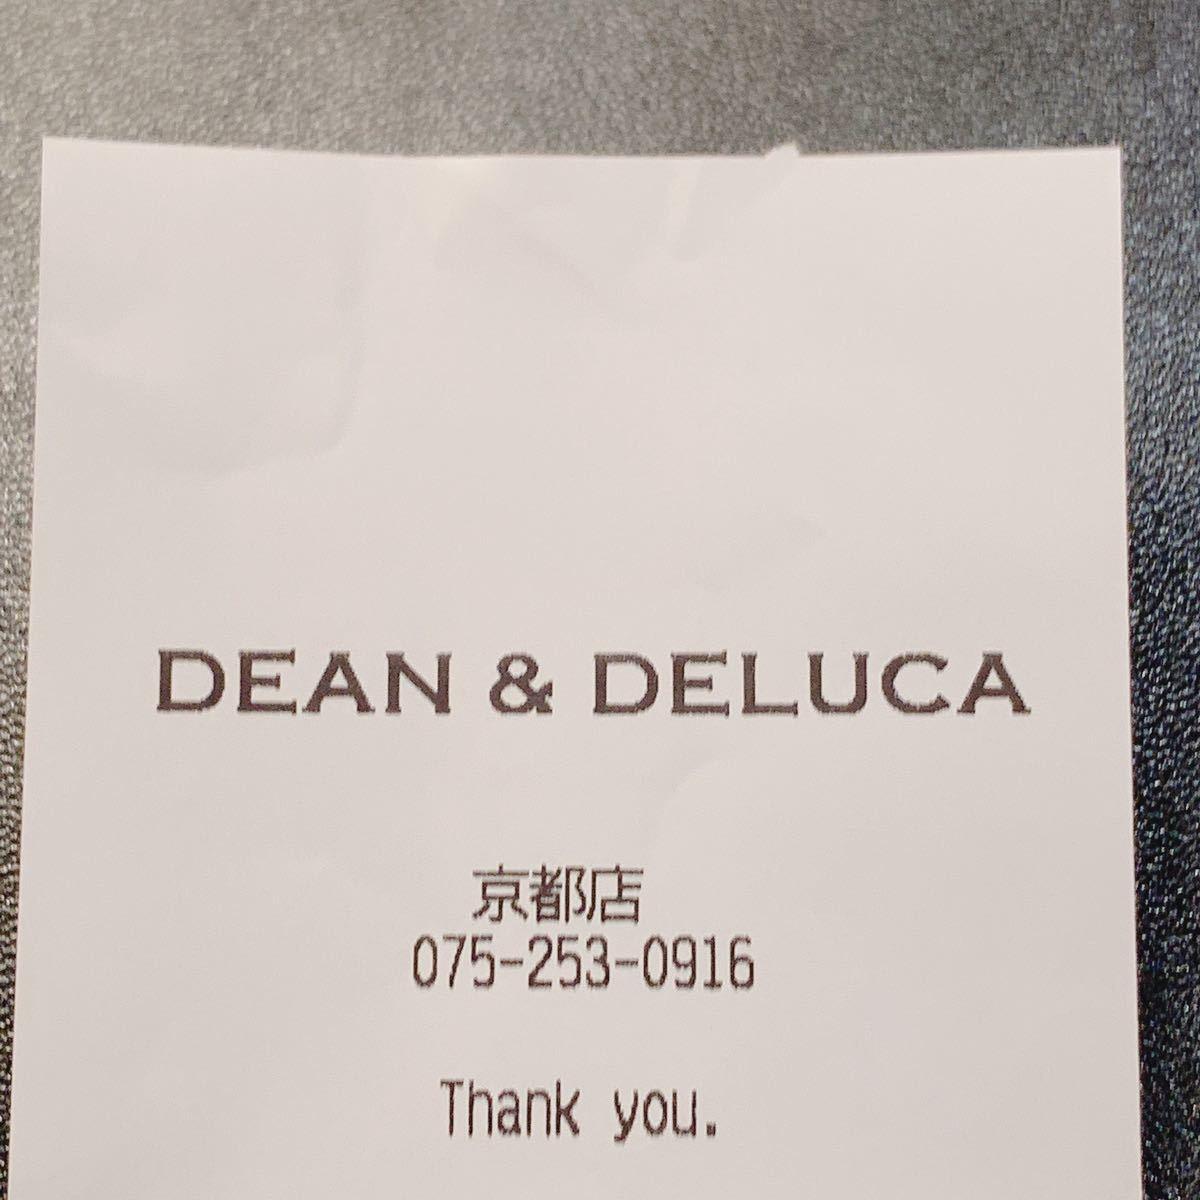 DEAN&DELUCA ディーン アンド デルーカ エコバッグ ショッピングバッグ トートバッグ 京都 限定 紫